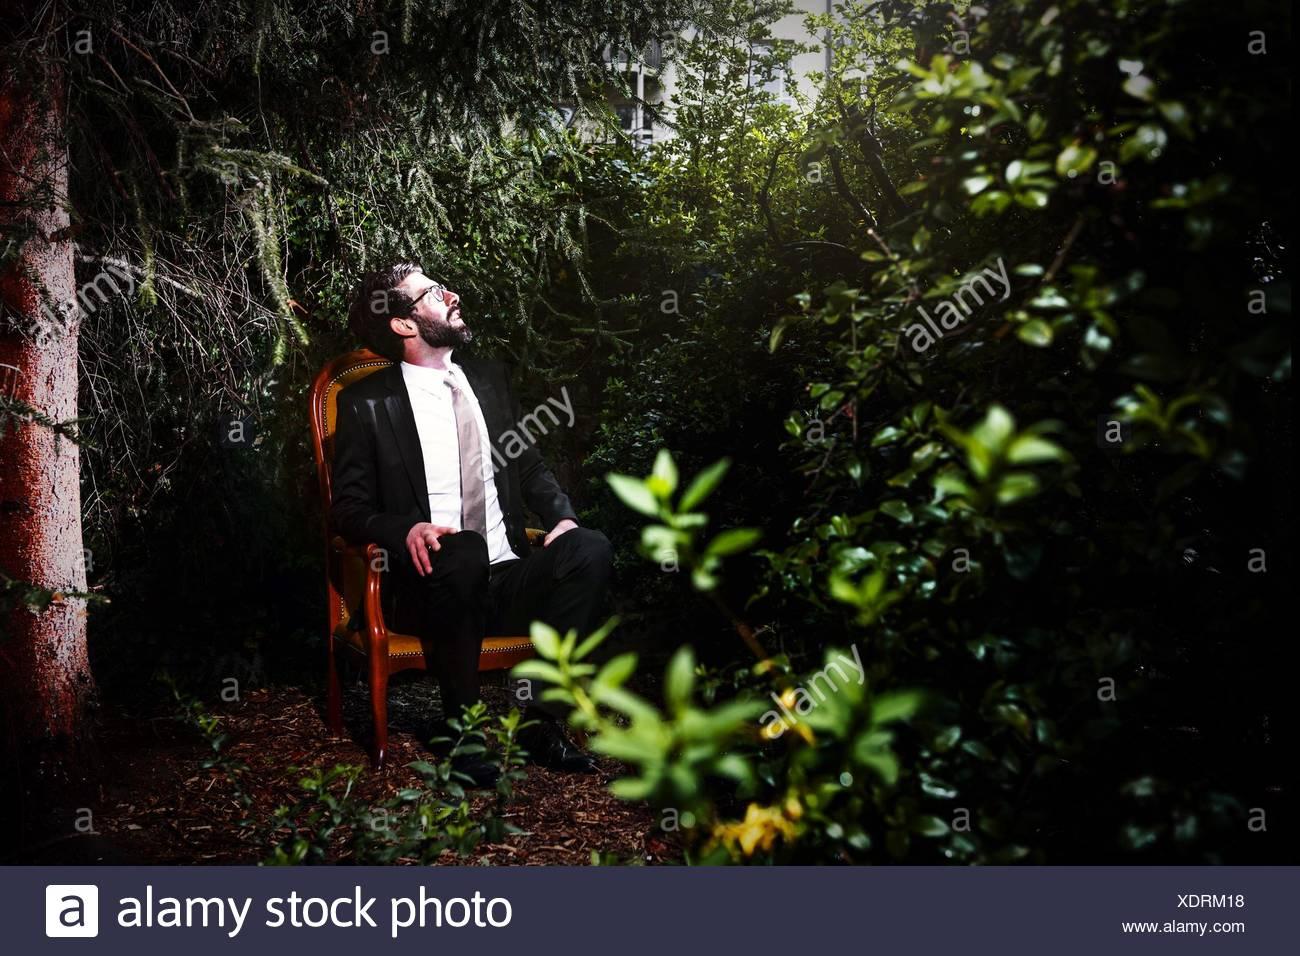 Costume homme assis sur une chaise dans la cour, tout en regardant vers le haut Photo Stock